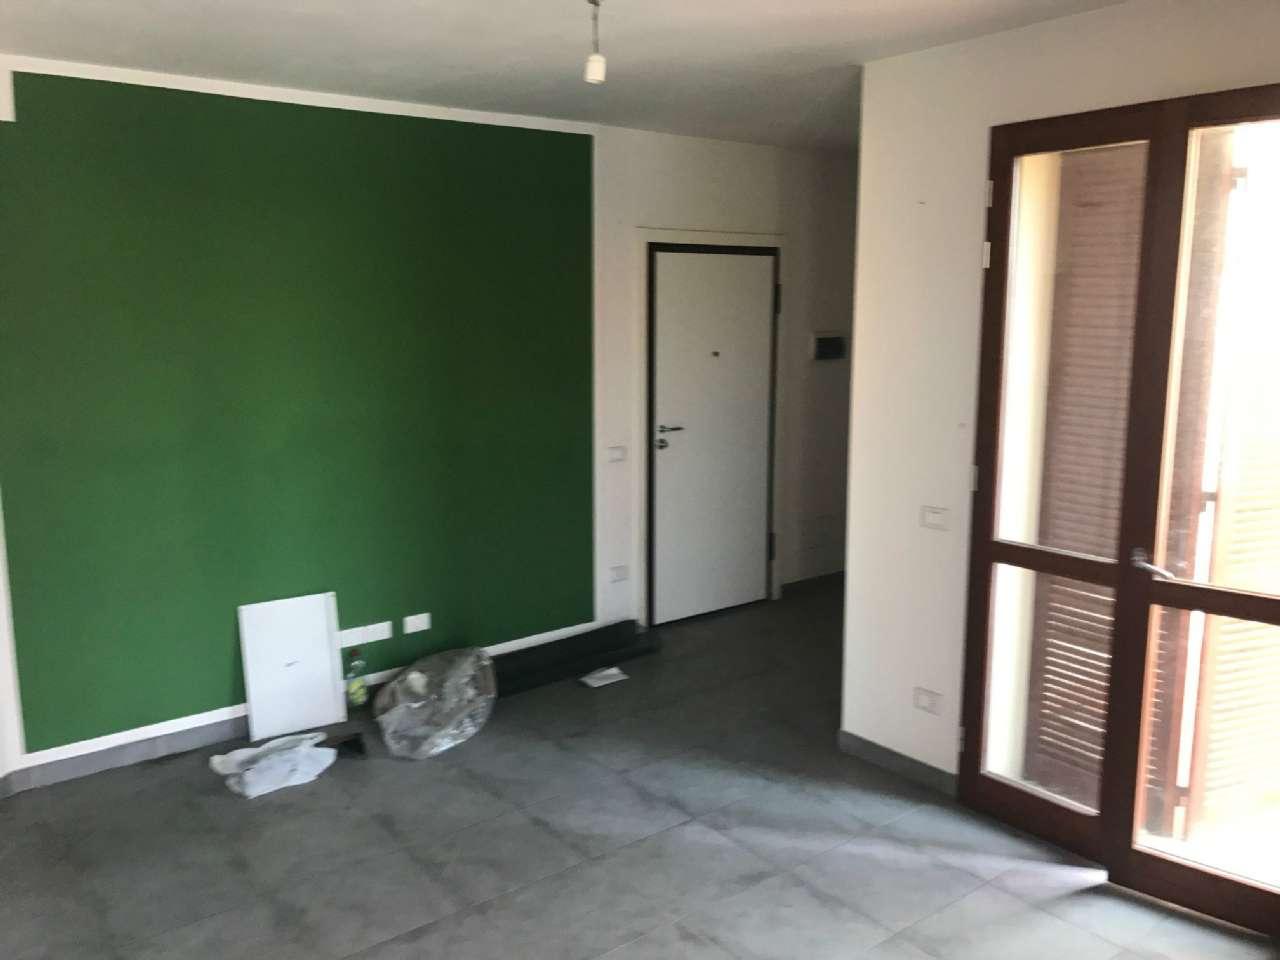 Attico / Mansarda in vendita a Campi Bisenzio, 3 locali, prezzo € 185.000 | Cambio Casa.it